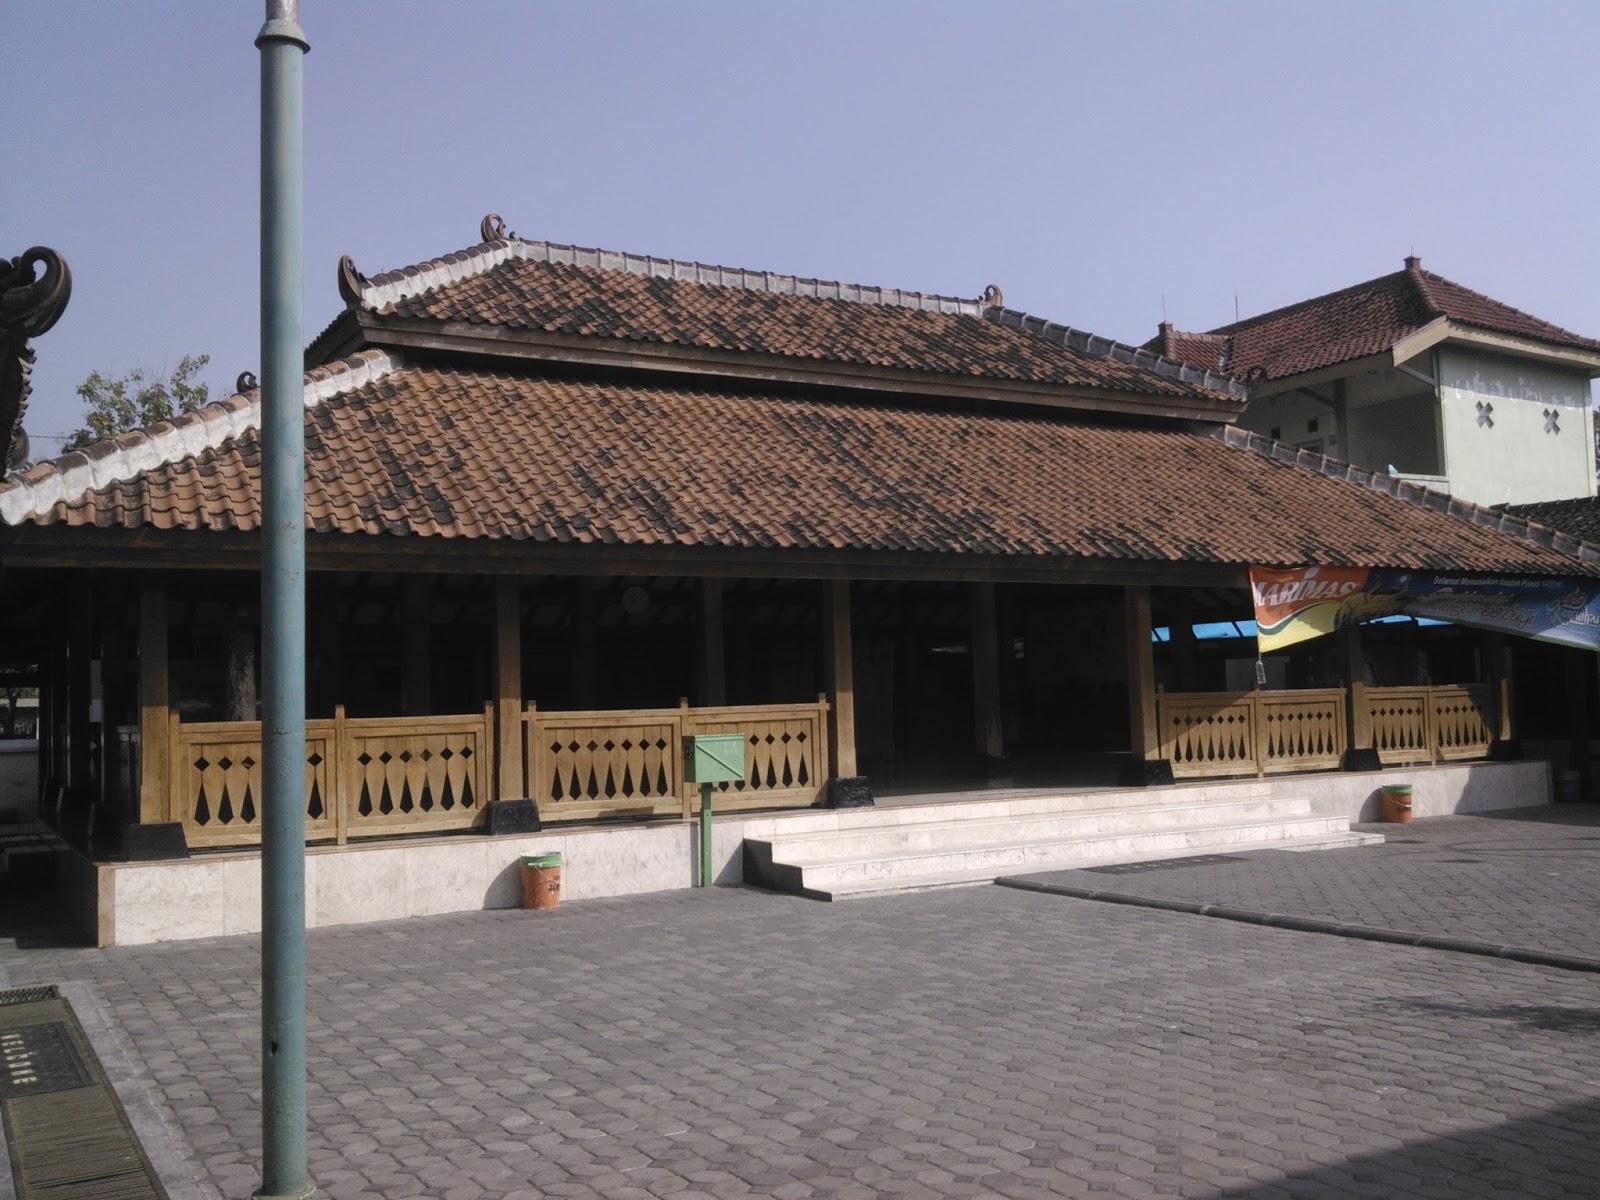 Masjid Kuno Kuncen Tempat Mencari Ketenangan Batin Madiun Kota Investigasi